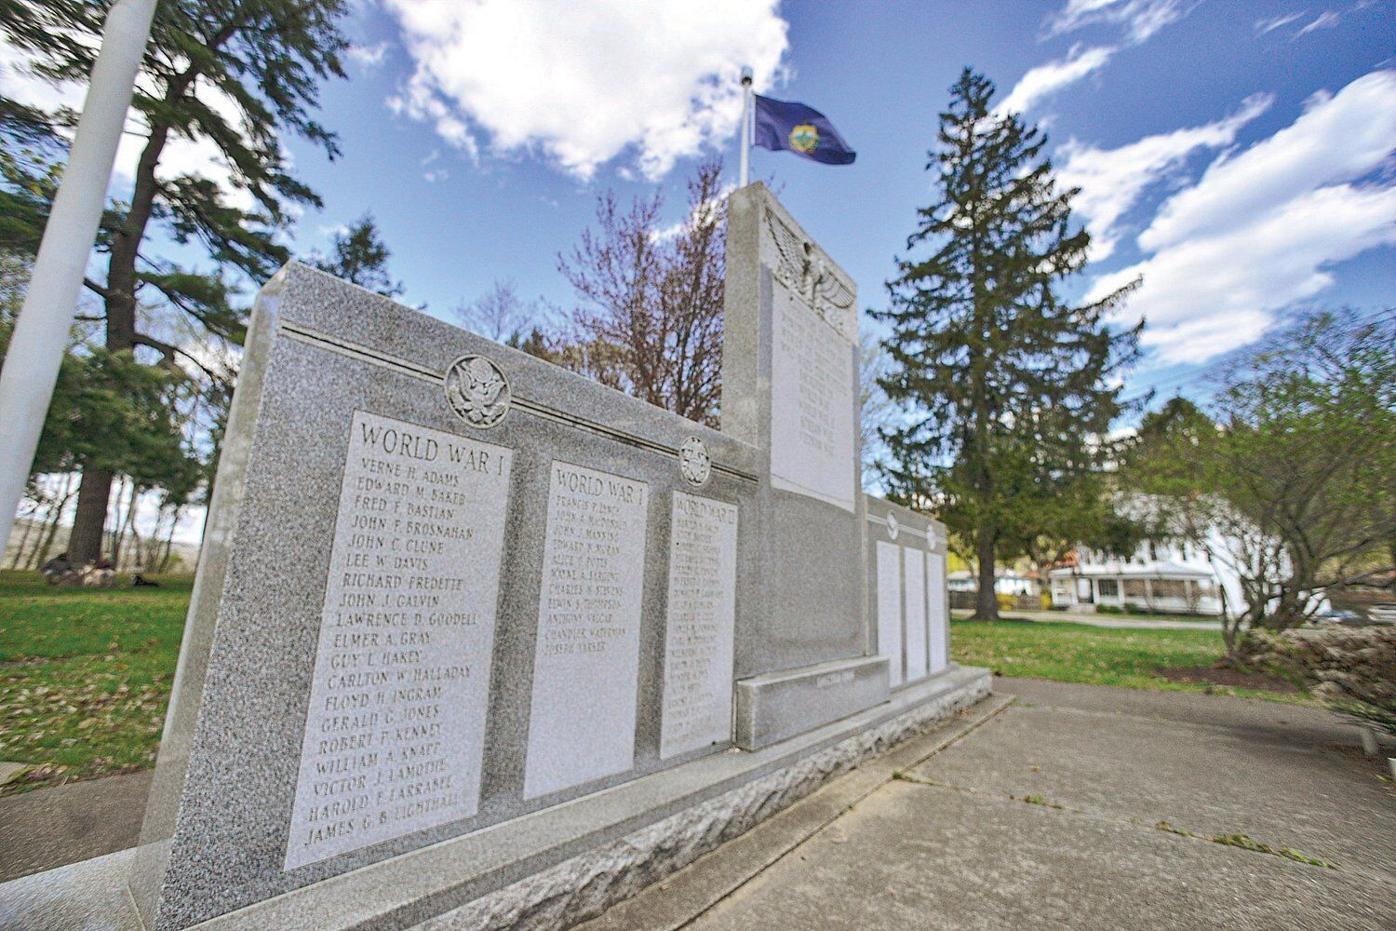 Veterans monument vandalized